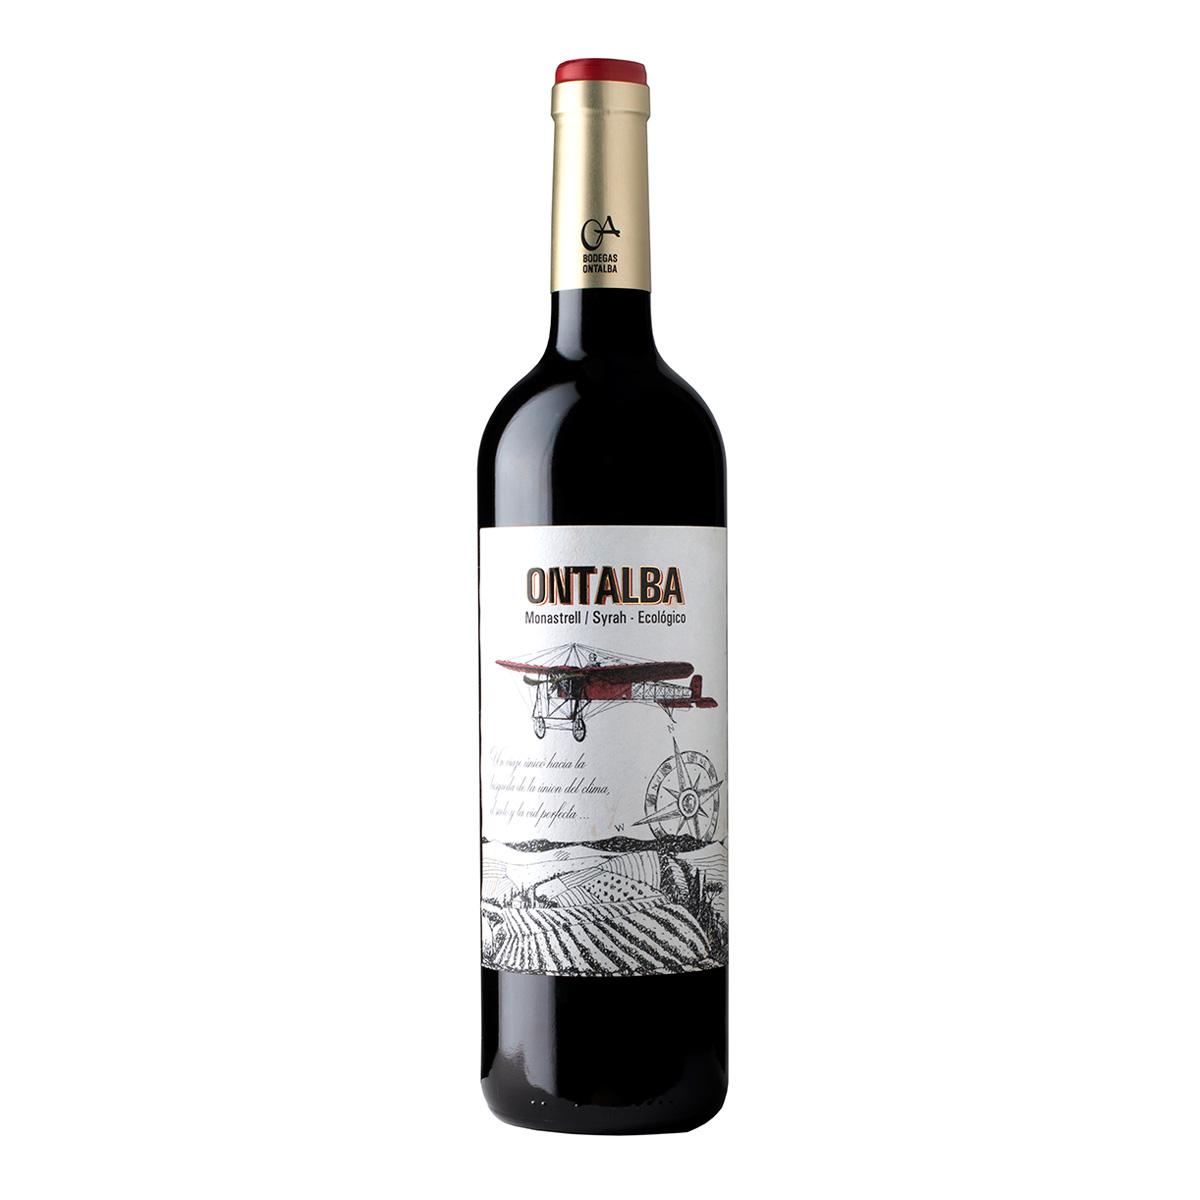 西班牙Ontalba Monastrell & Syrah干紅葡萄酒